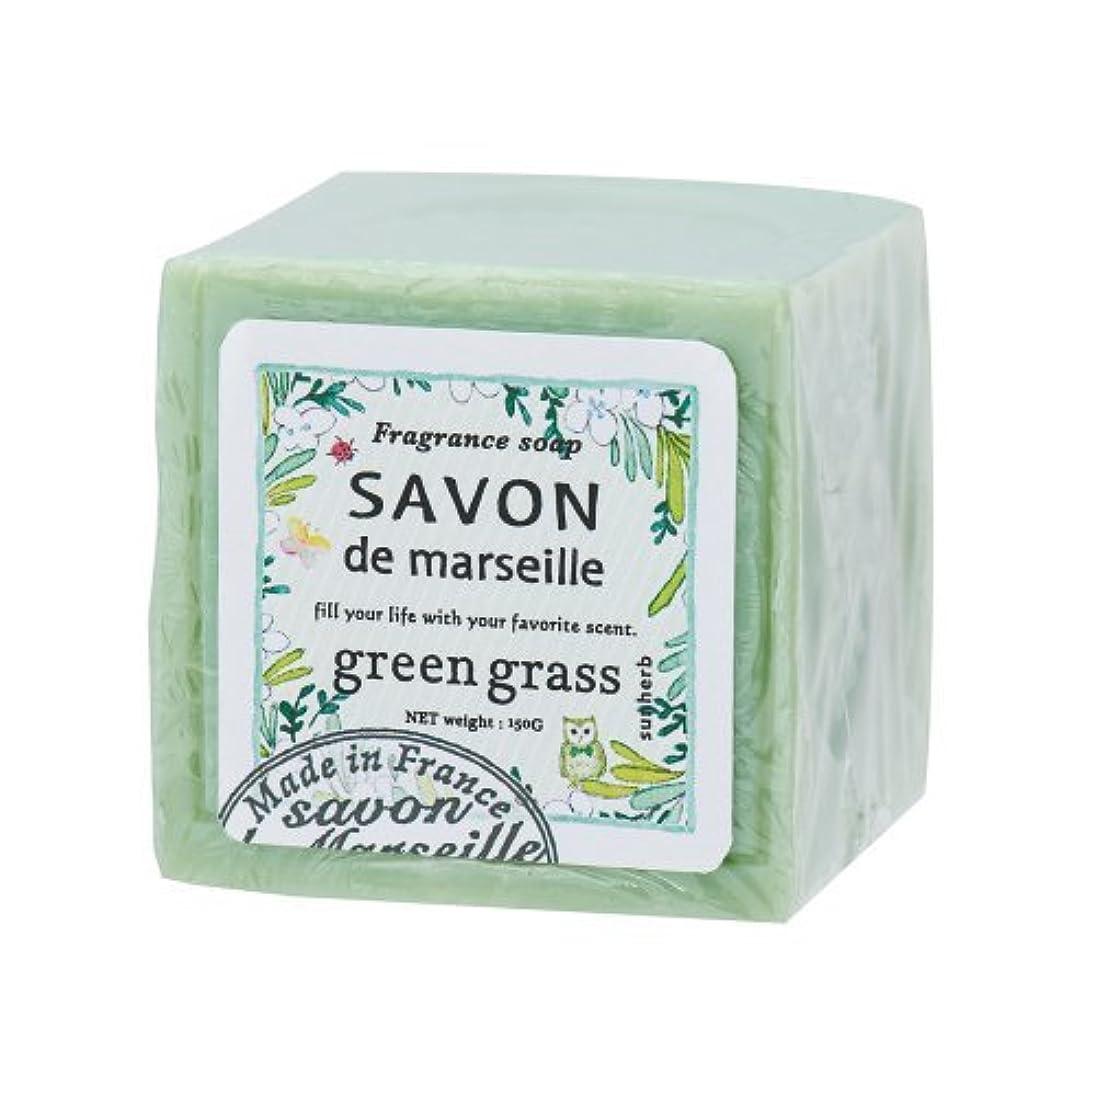 サンハーブ マルセイユ石けん グリーングラス 150g(全身用洗浄料 ソープ フランス製 爽やかでちょっと大人の香り)